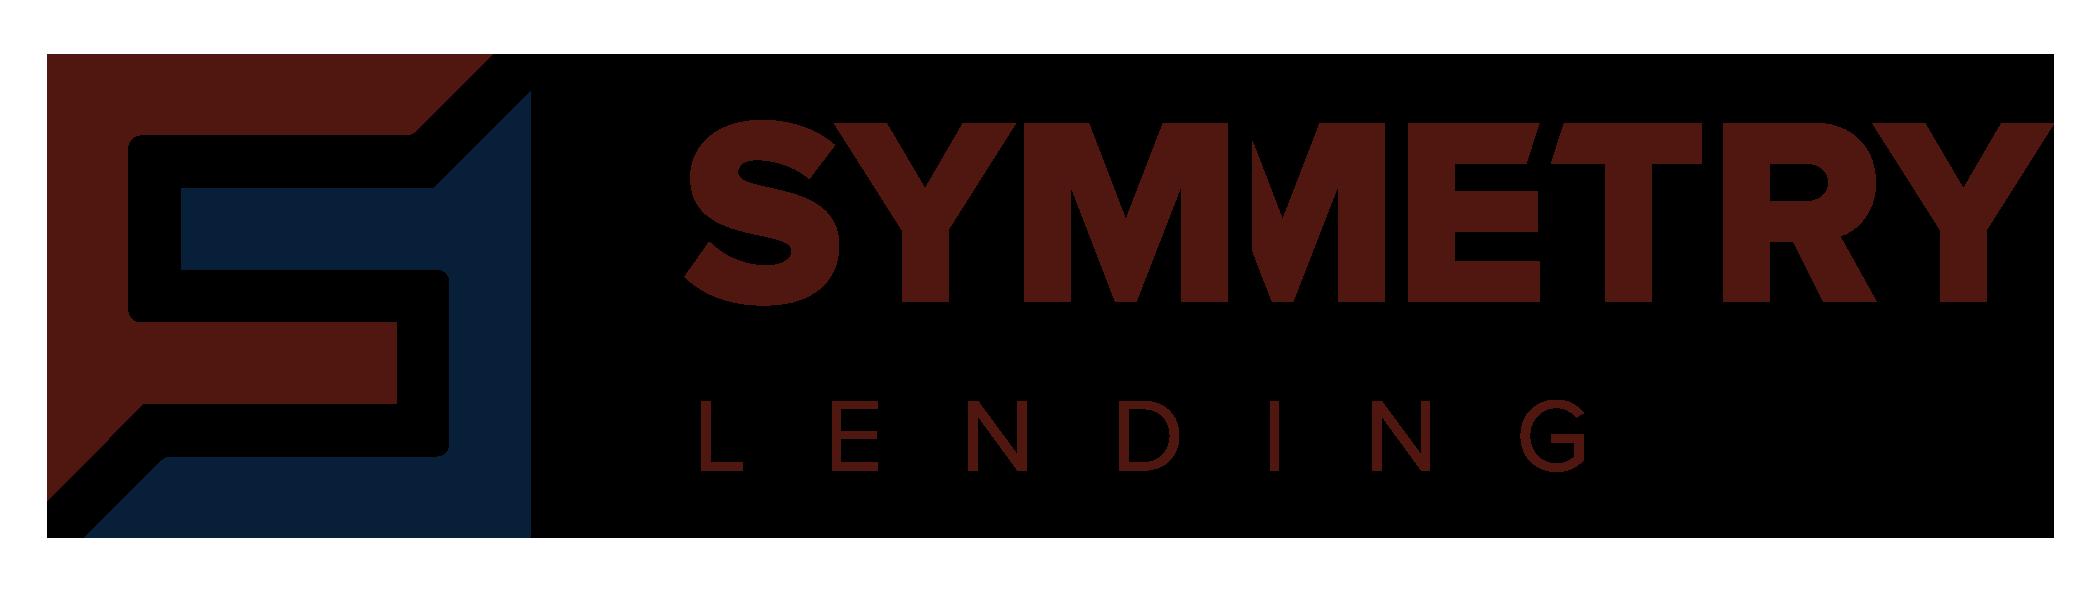 Symmetry Lending